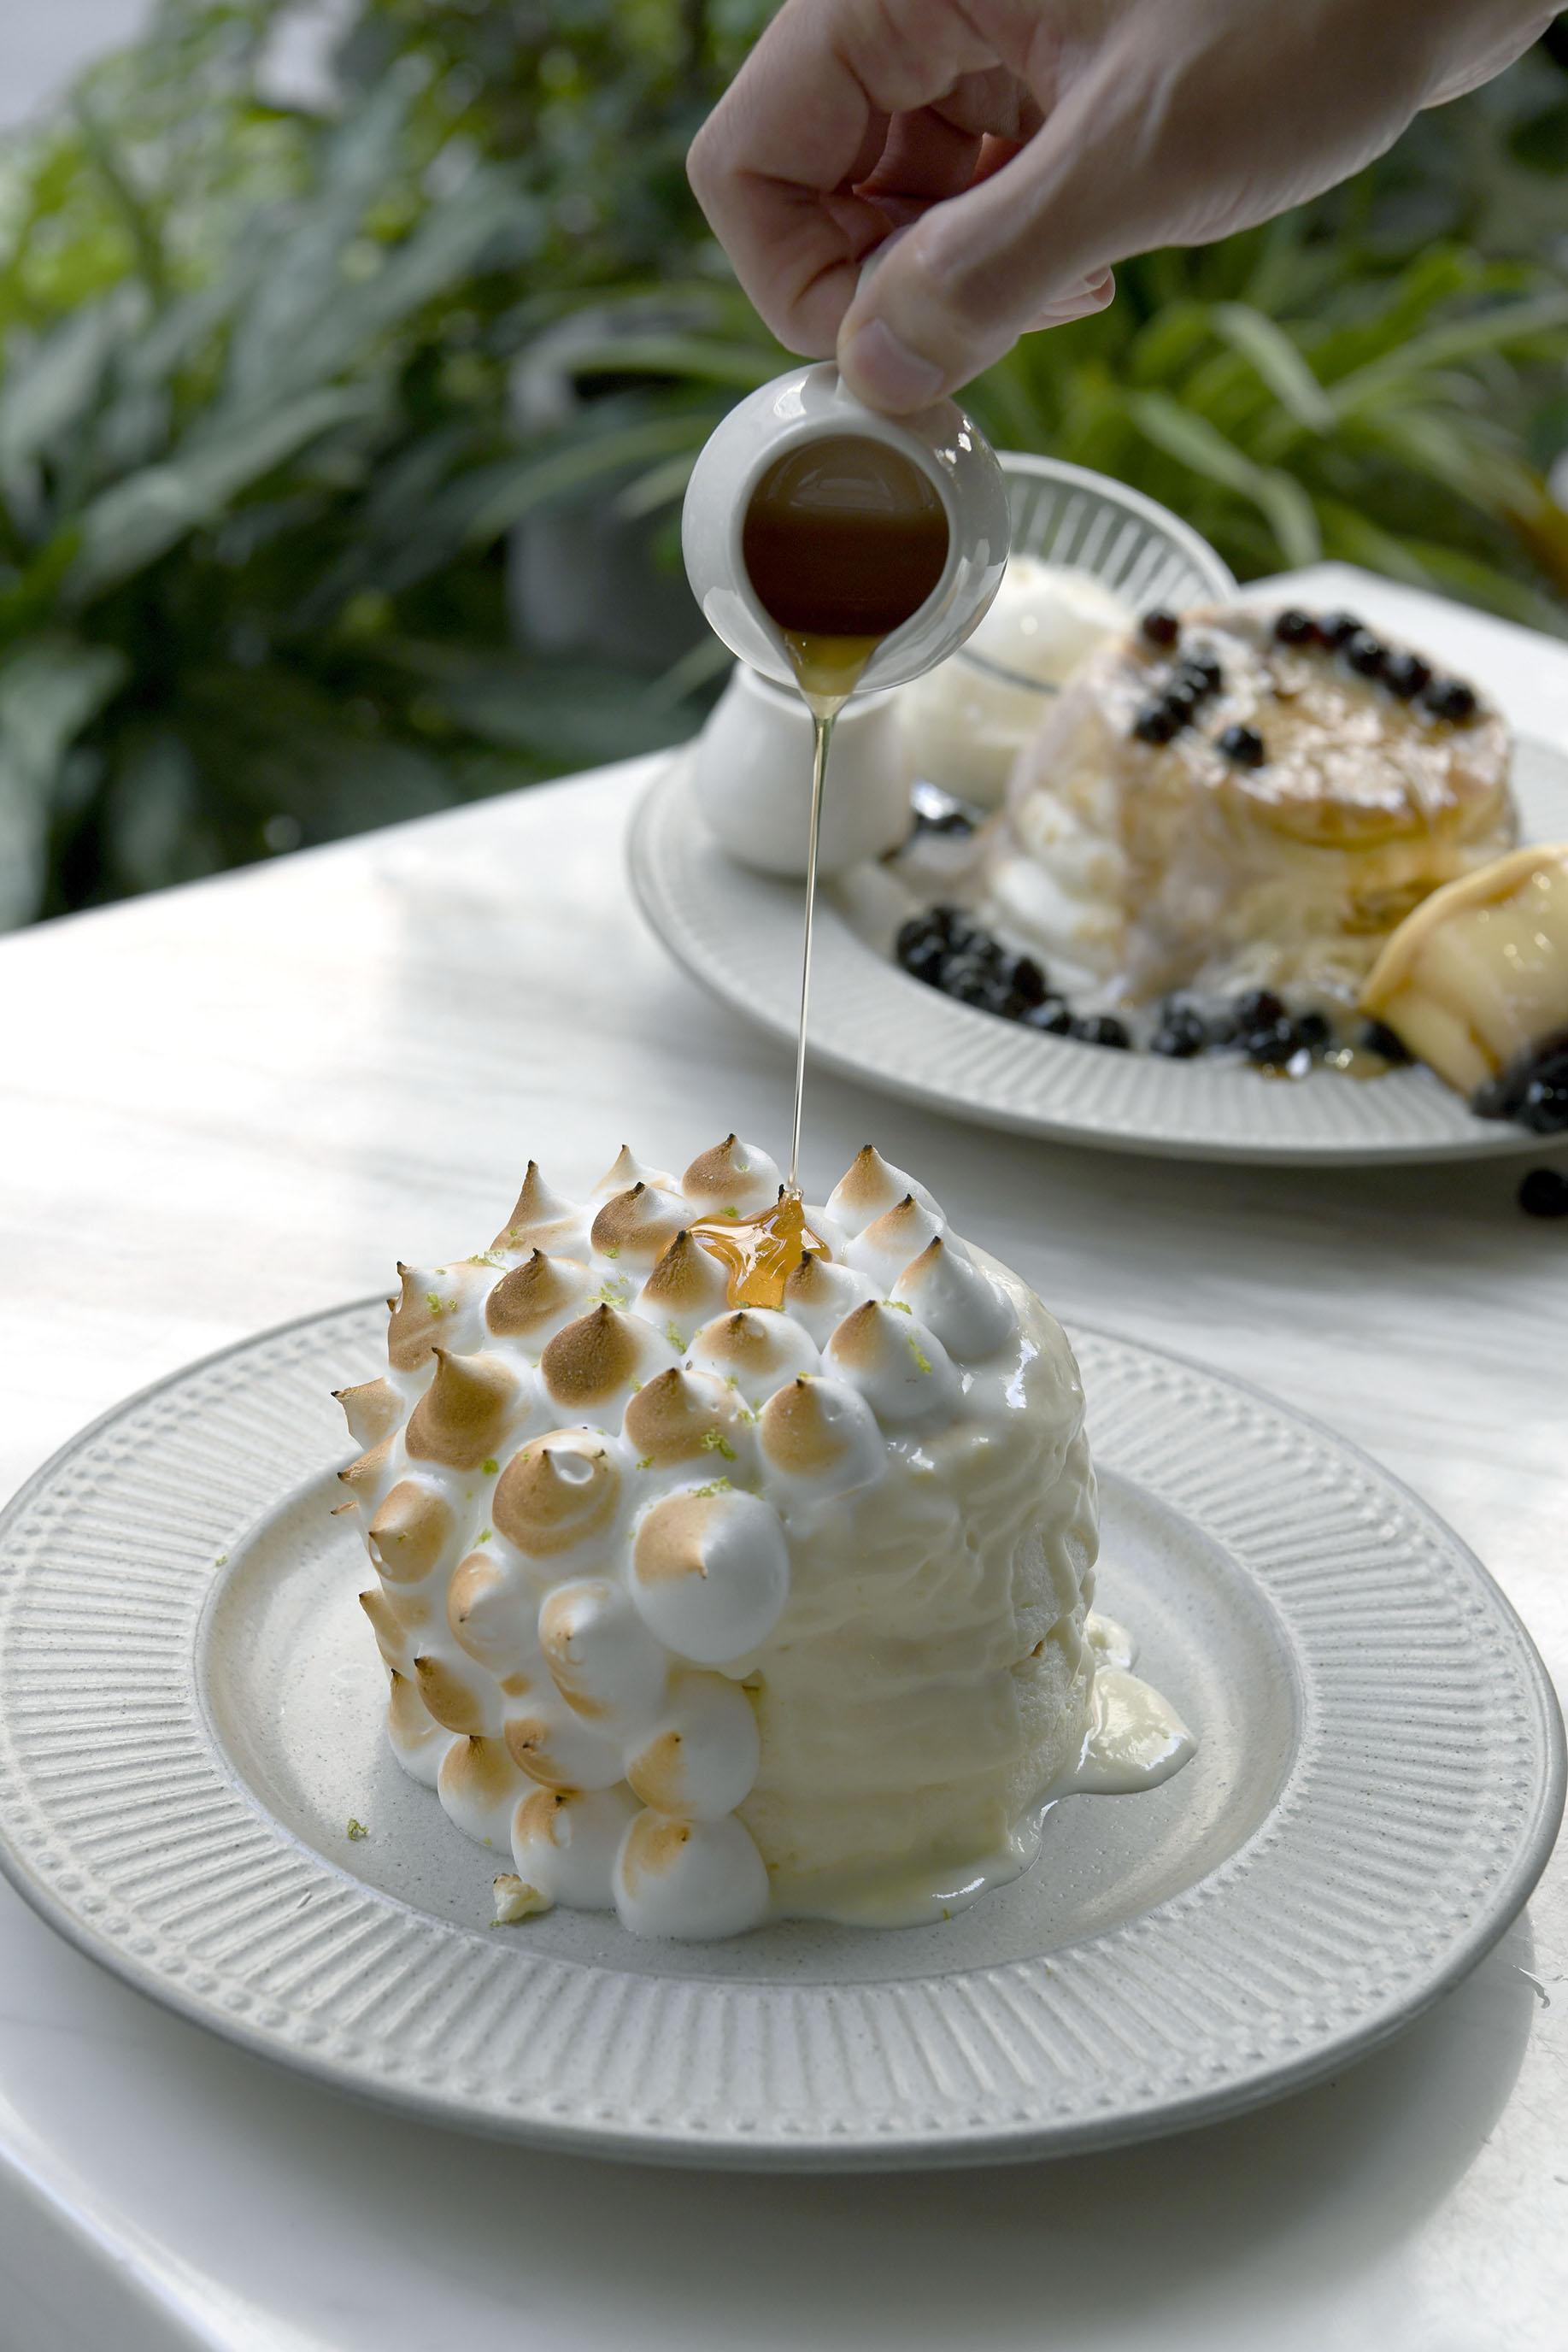 用料理,記下一起打拼的十年時光|樂丘廚房 東海店